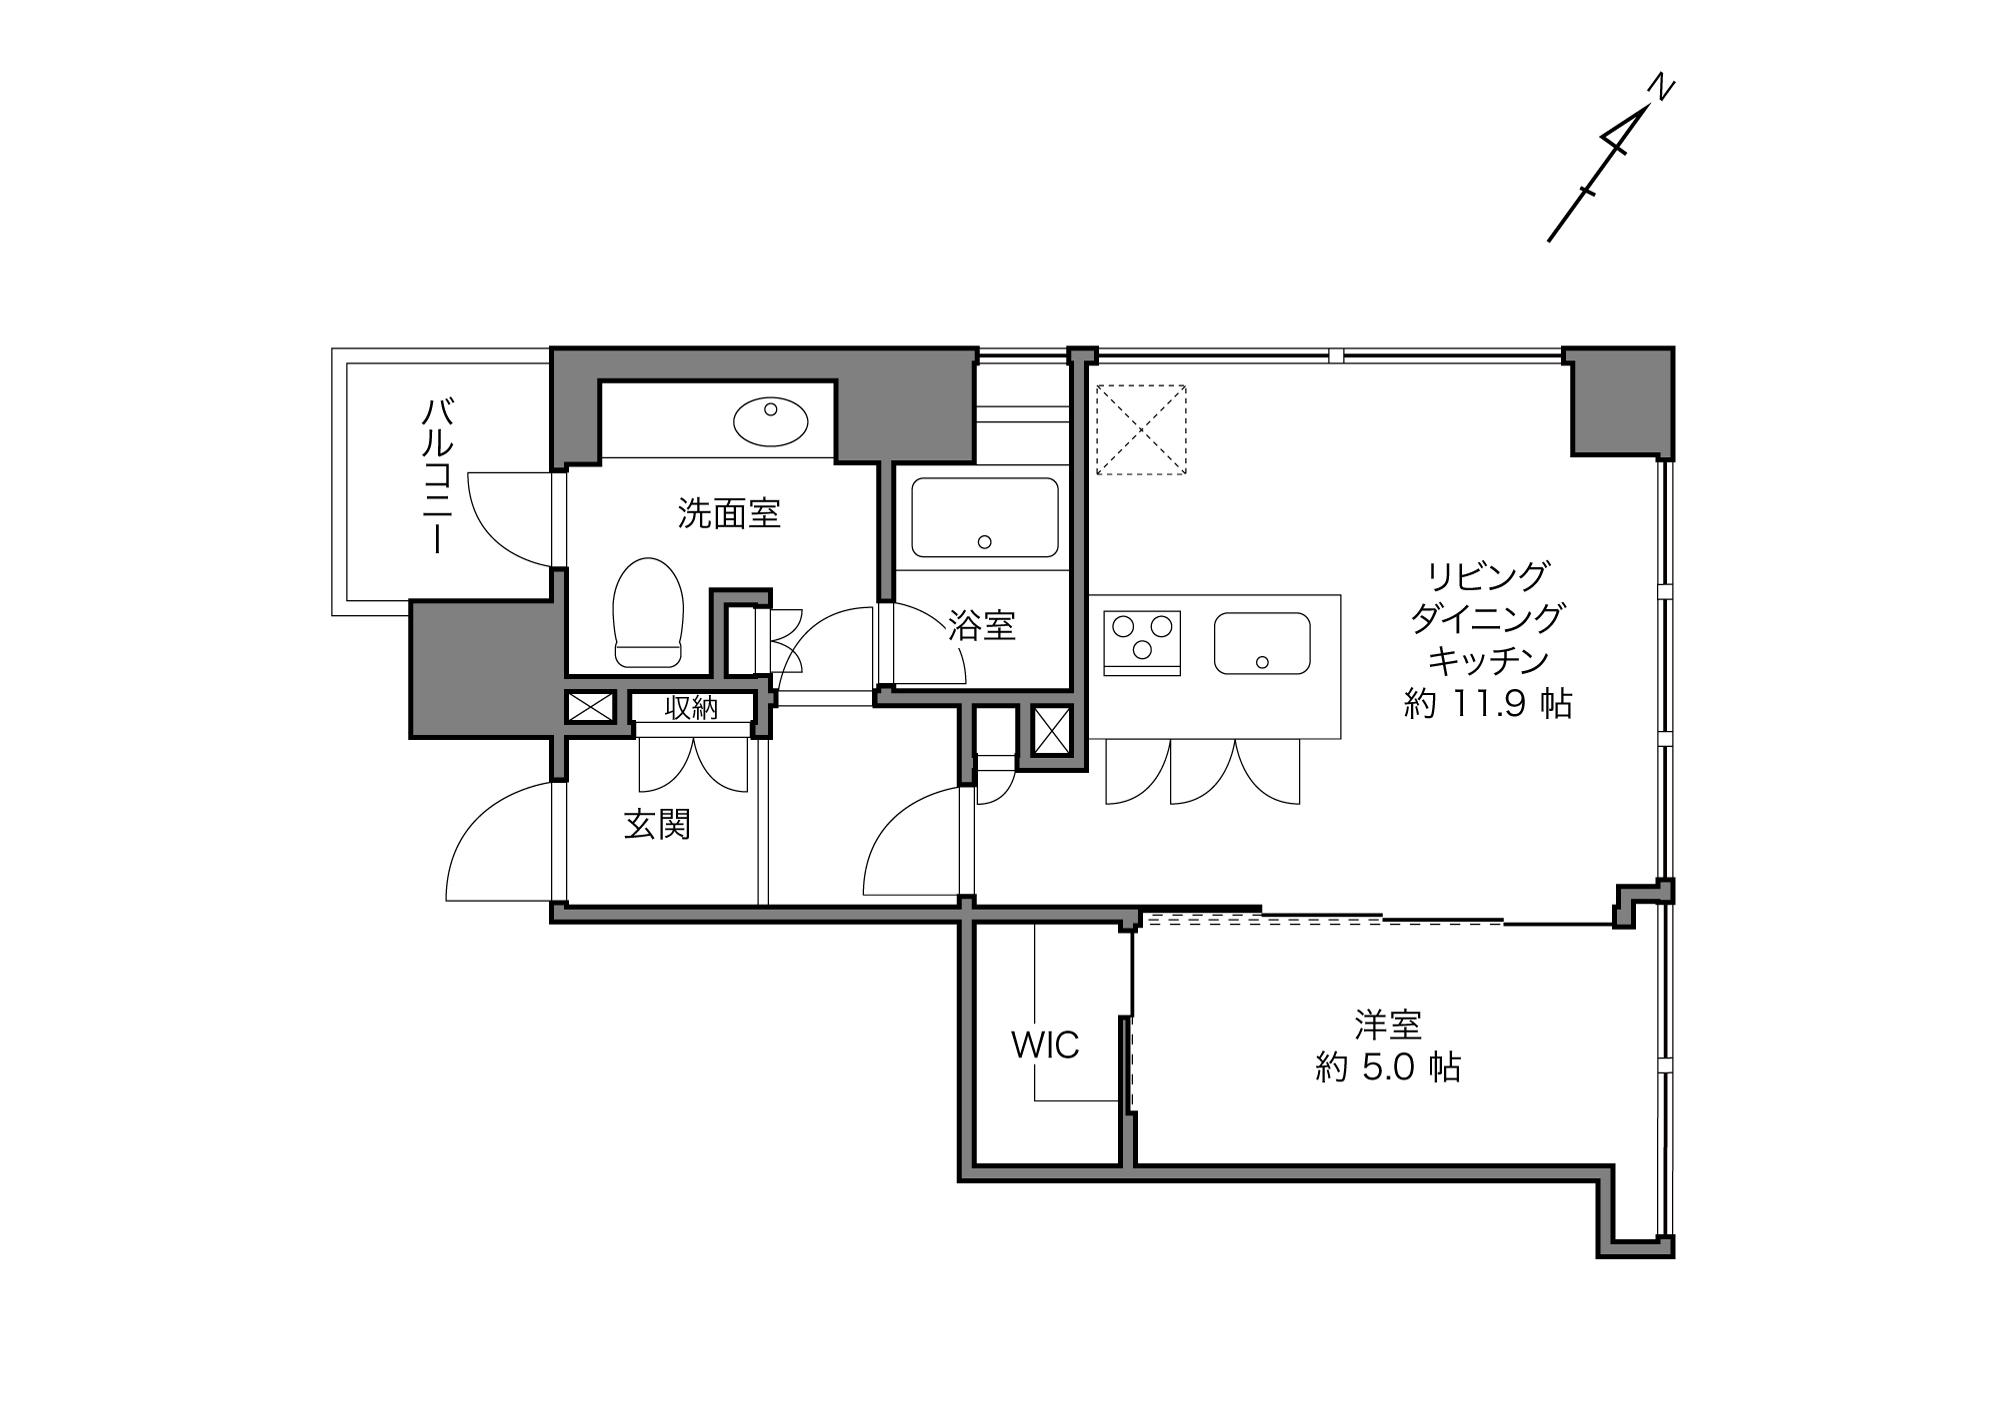 六本木駅 / 1LDK+WIC / 47.88㎡